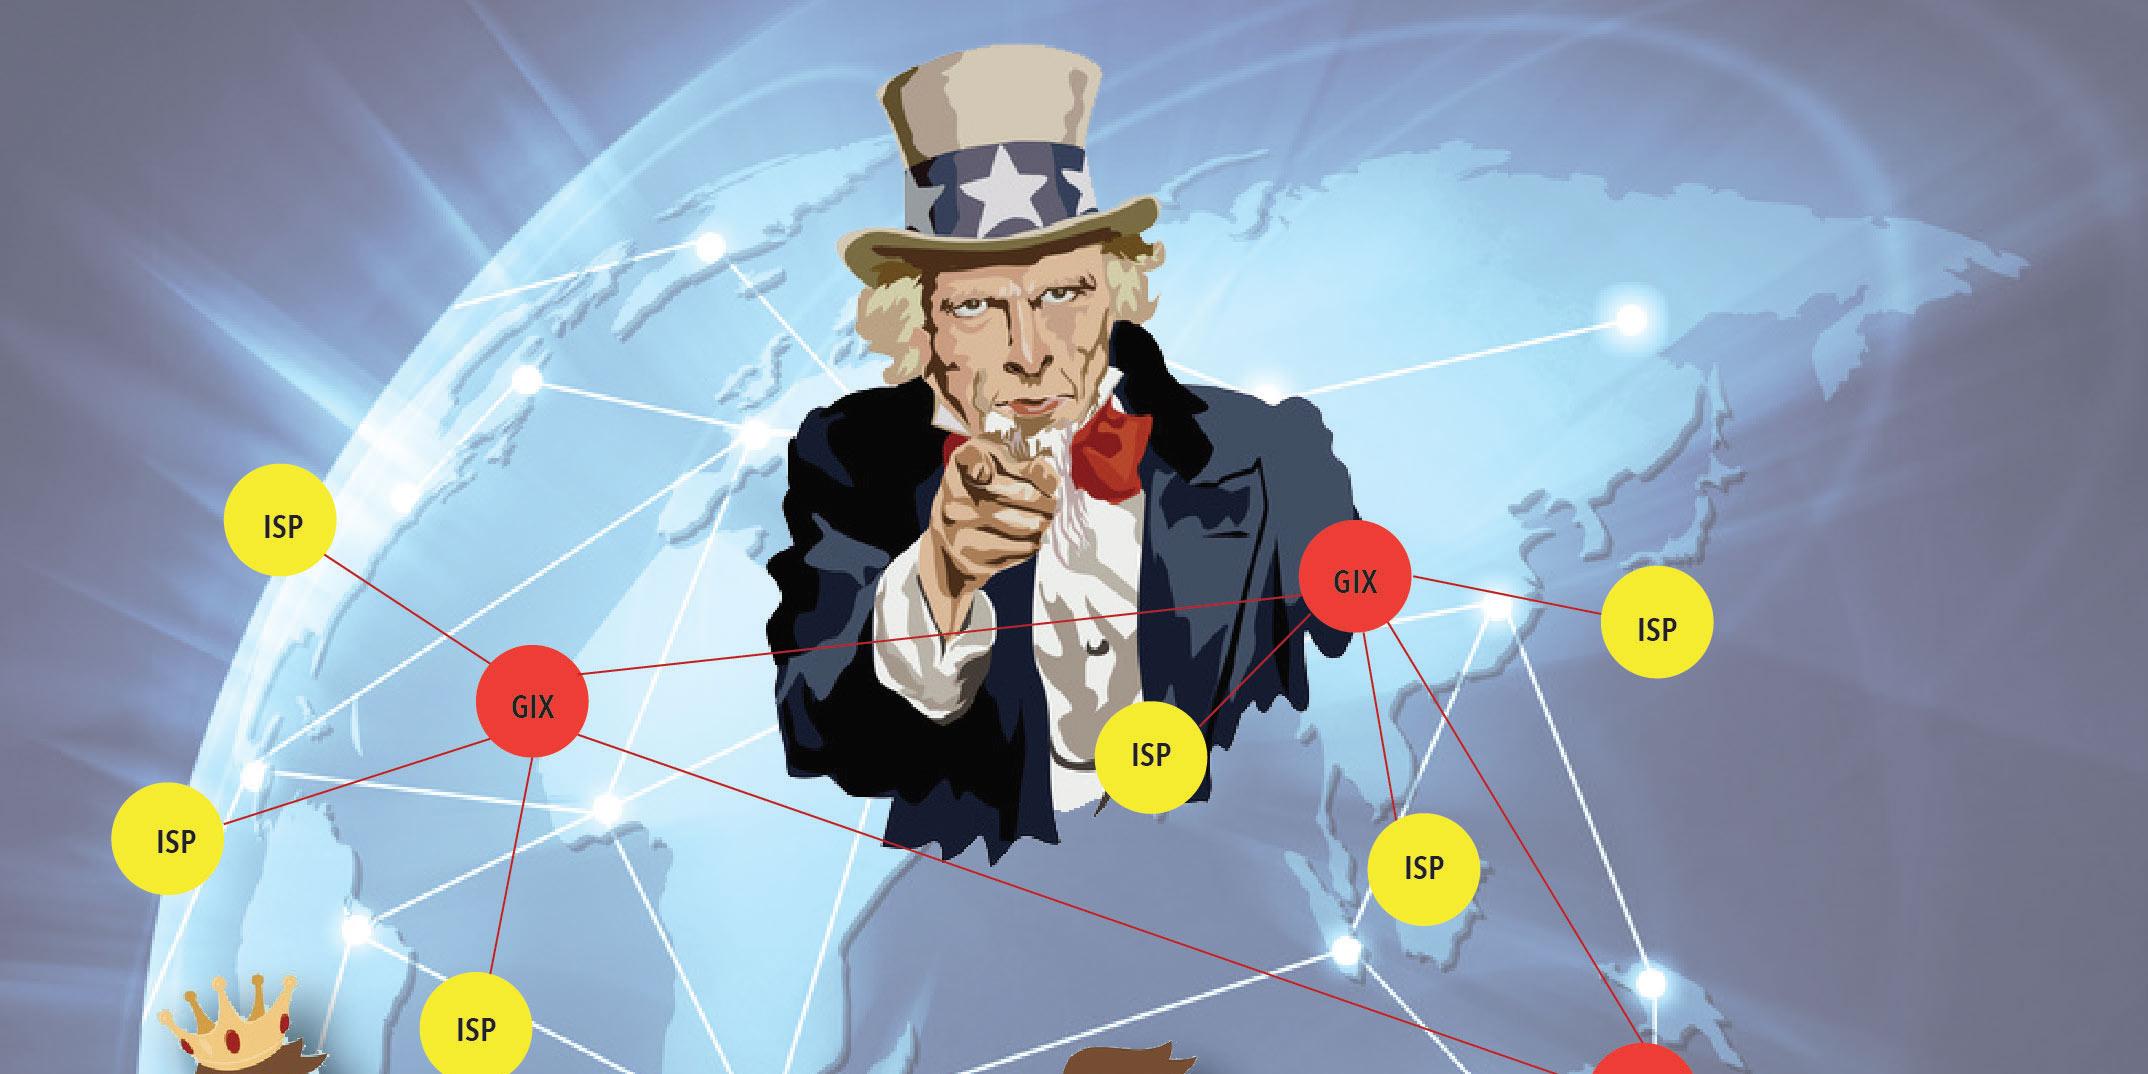 Un grand débat : faut-il maintenir la neutralité d'Internet ?